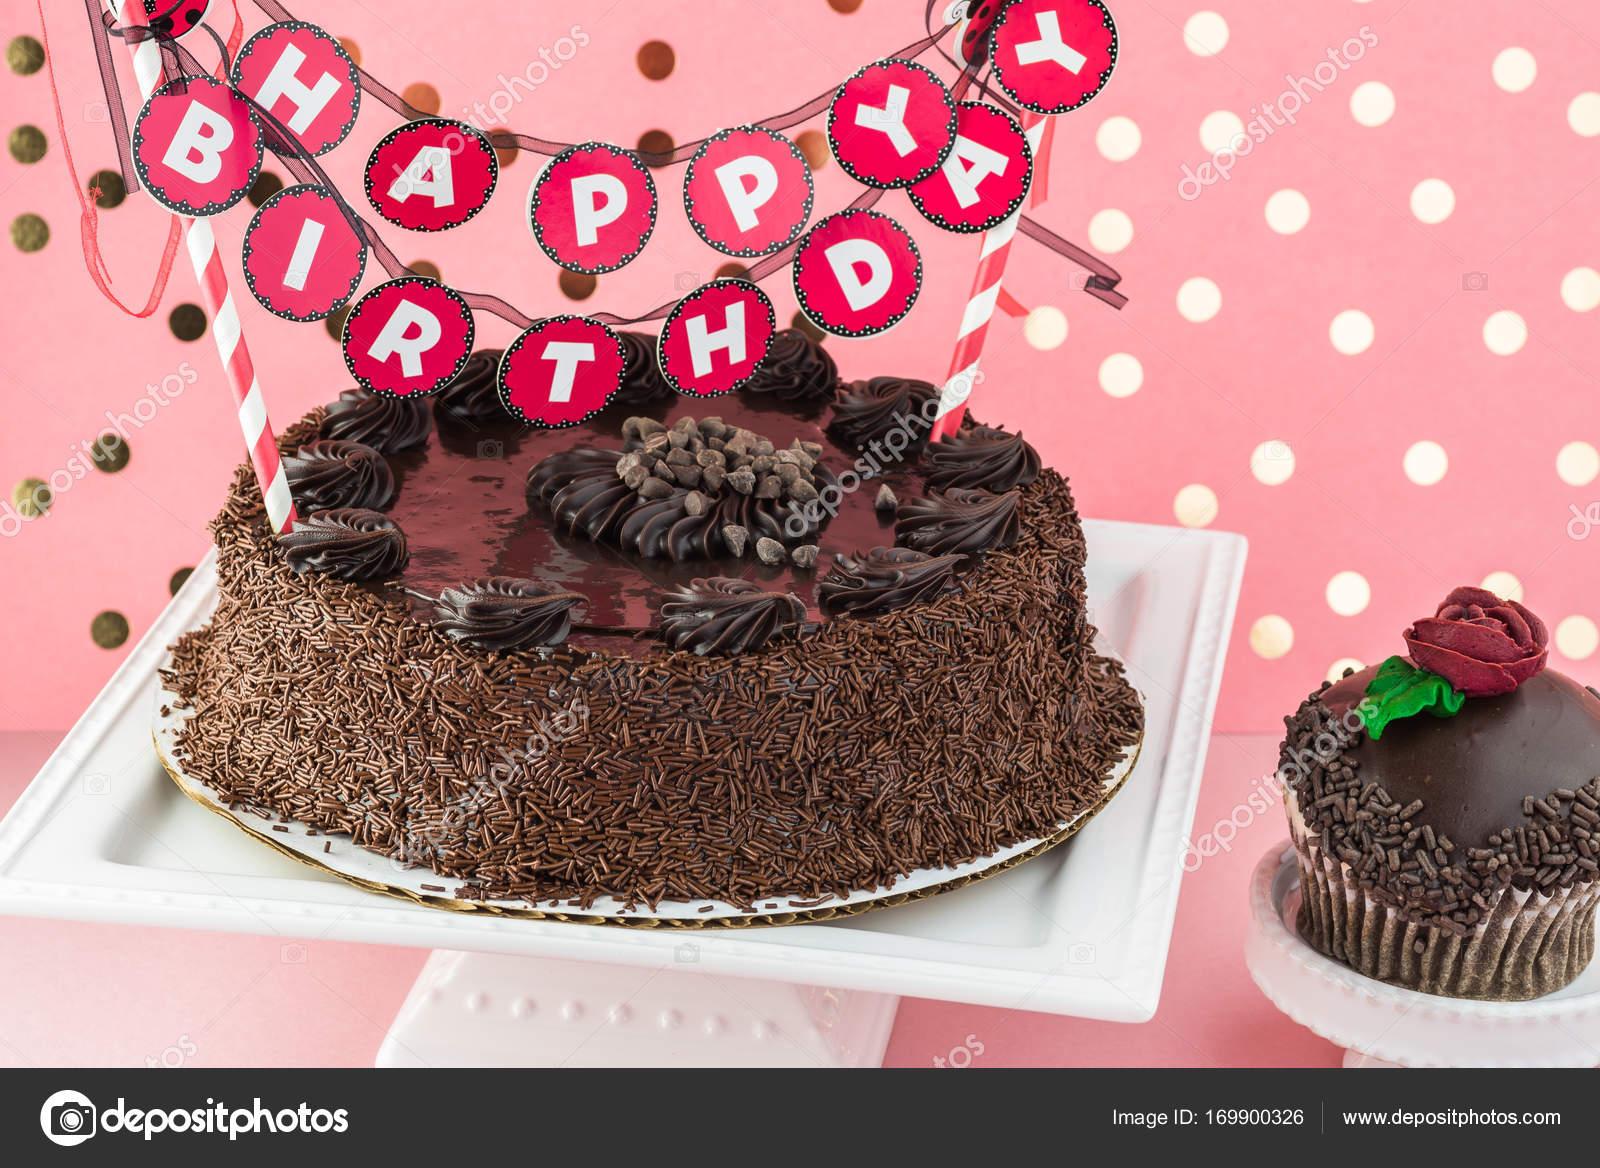 Chocolate birthday cake  — Stock Photo © russiandoll #169900326